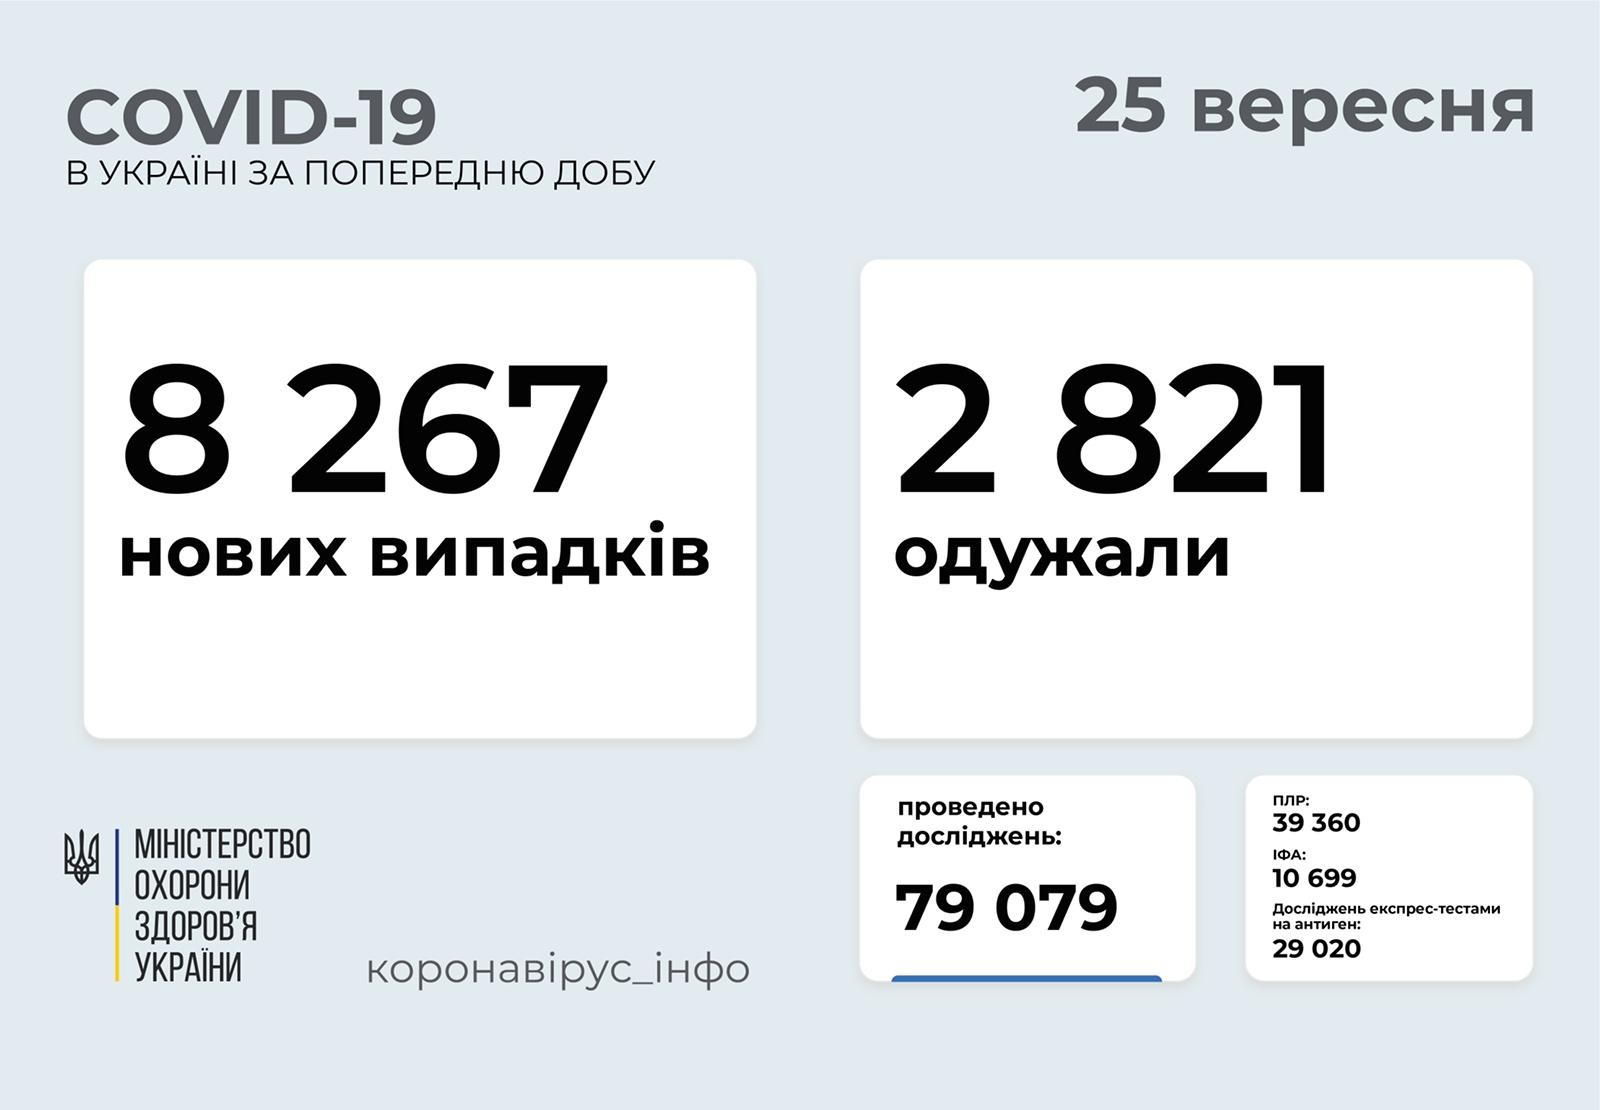 zobrazhennia_viber_2021-09-25_08-31-21-415